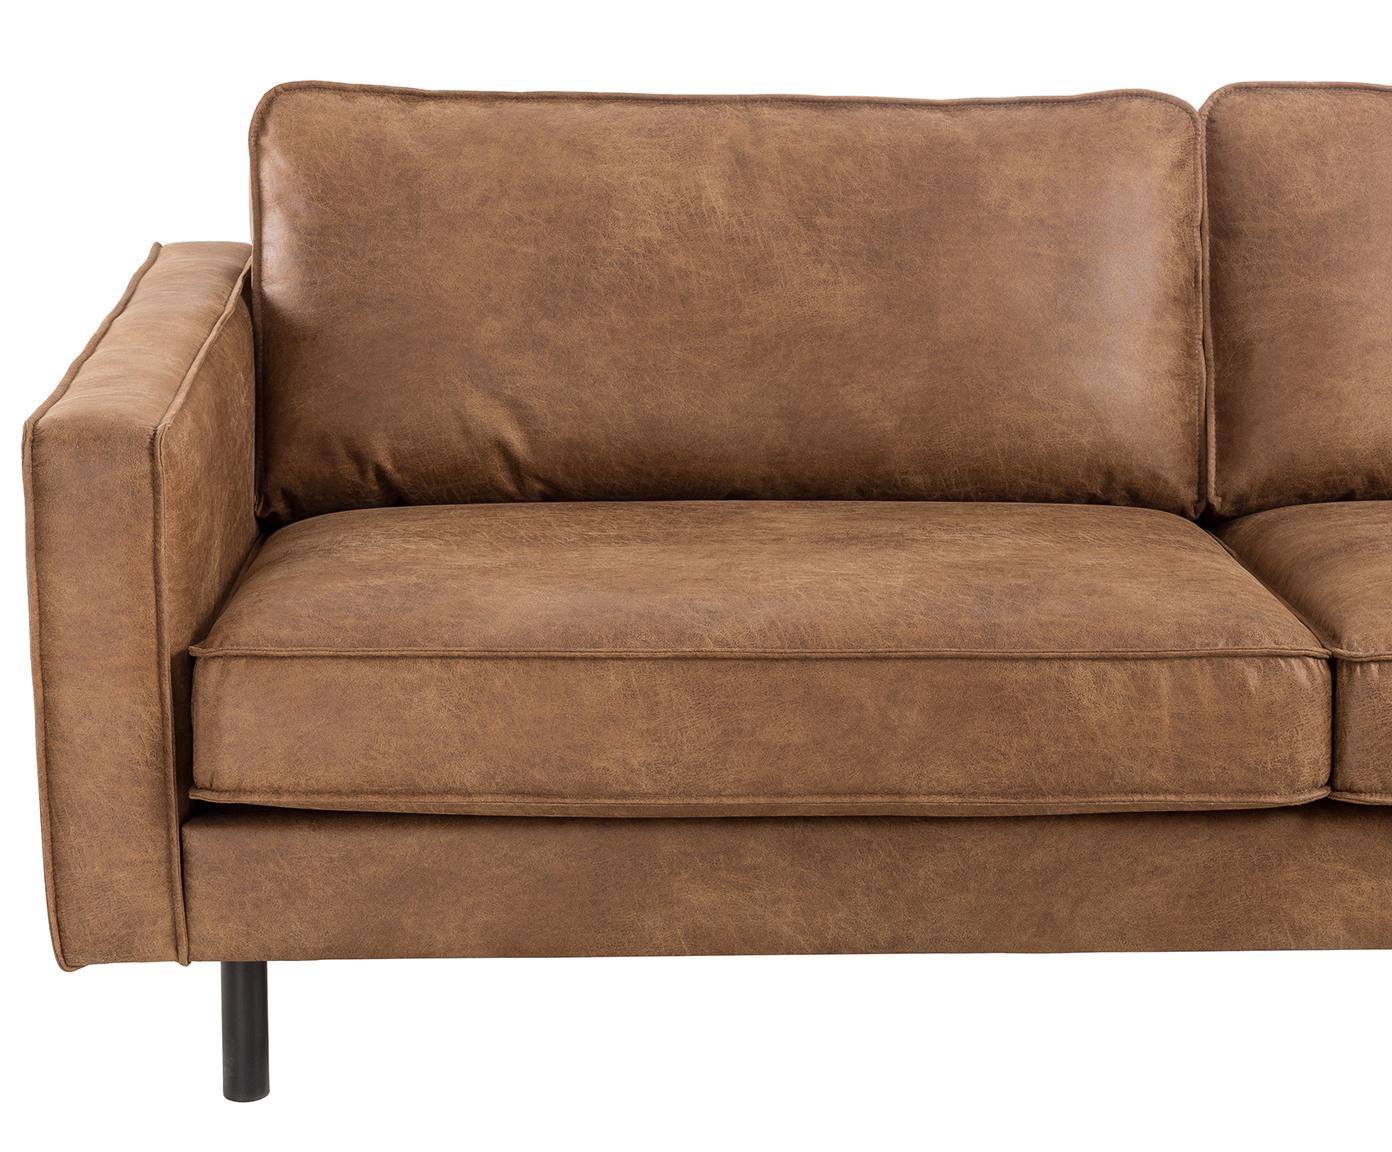 Leder-Sofa Hunter (3-Sitzer), Bezug: 70% recyceltes Leder, 30%, Gestell: Massives Birkenholz und h, Leder Braun, B 219 x T 90 cm